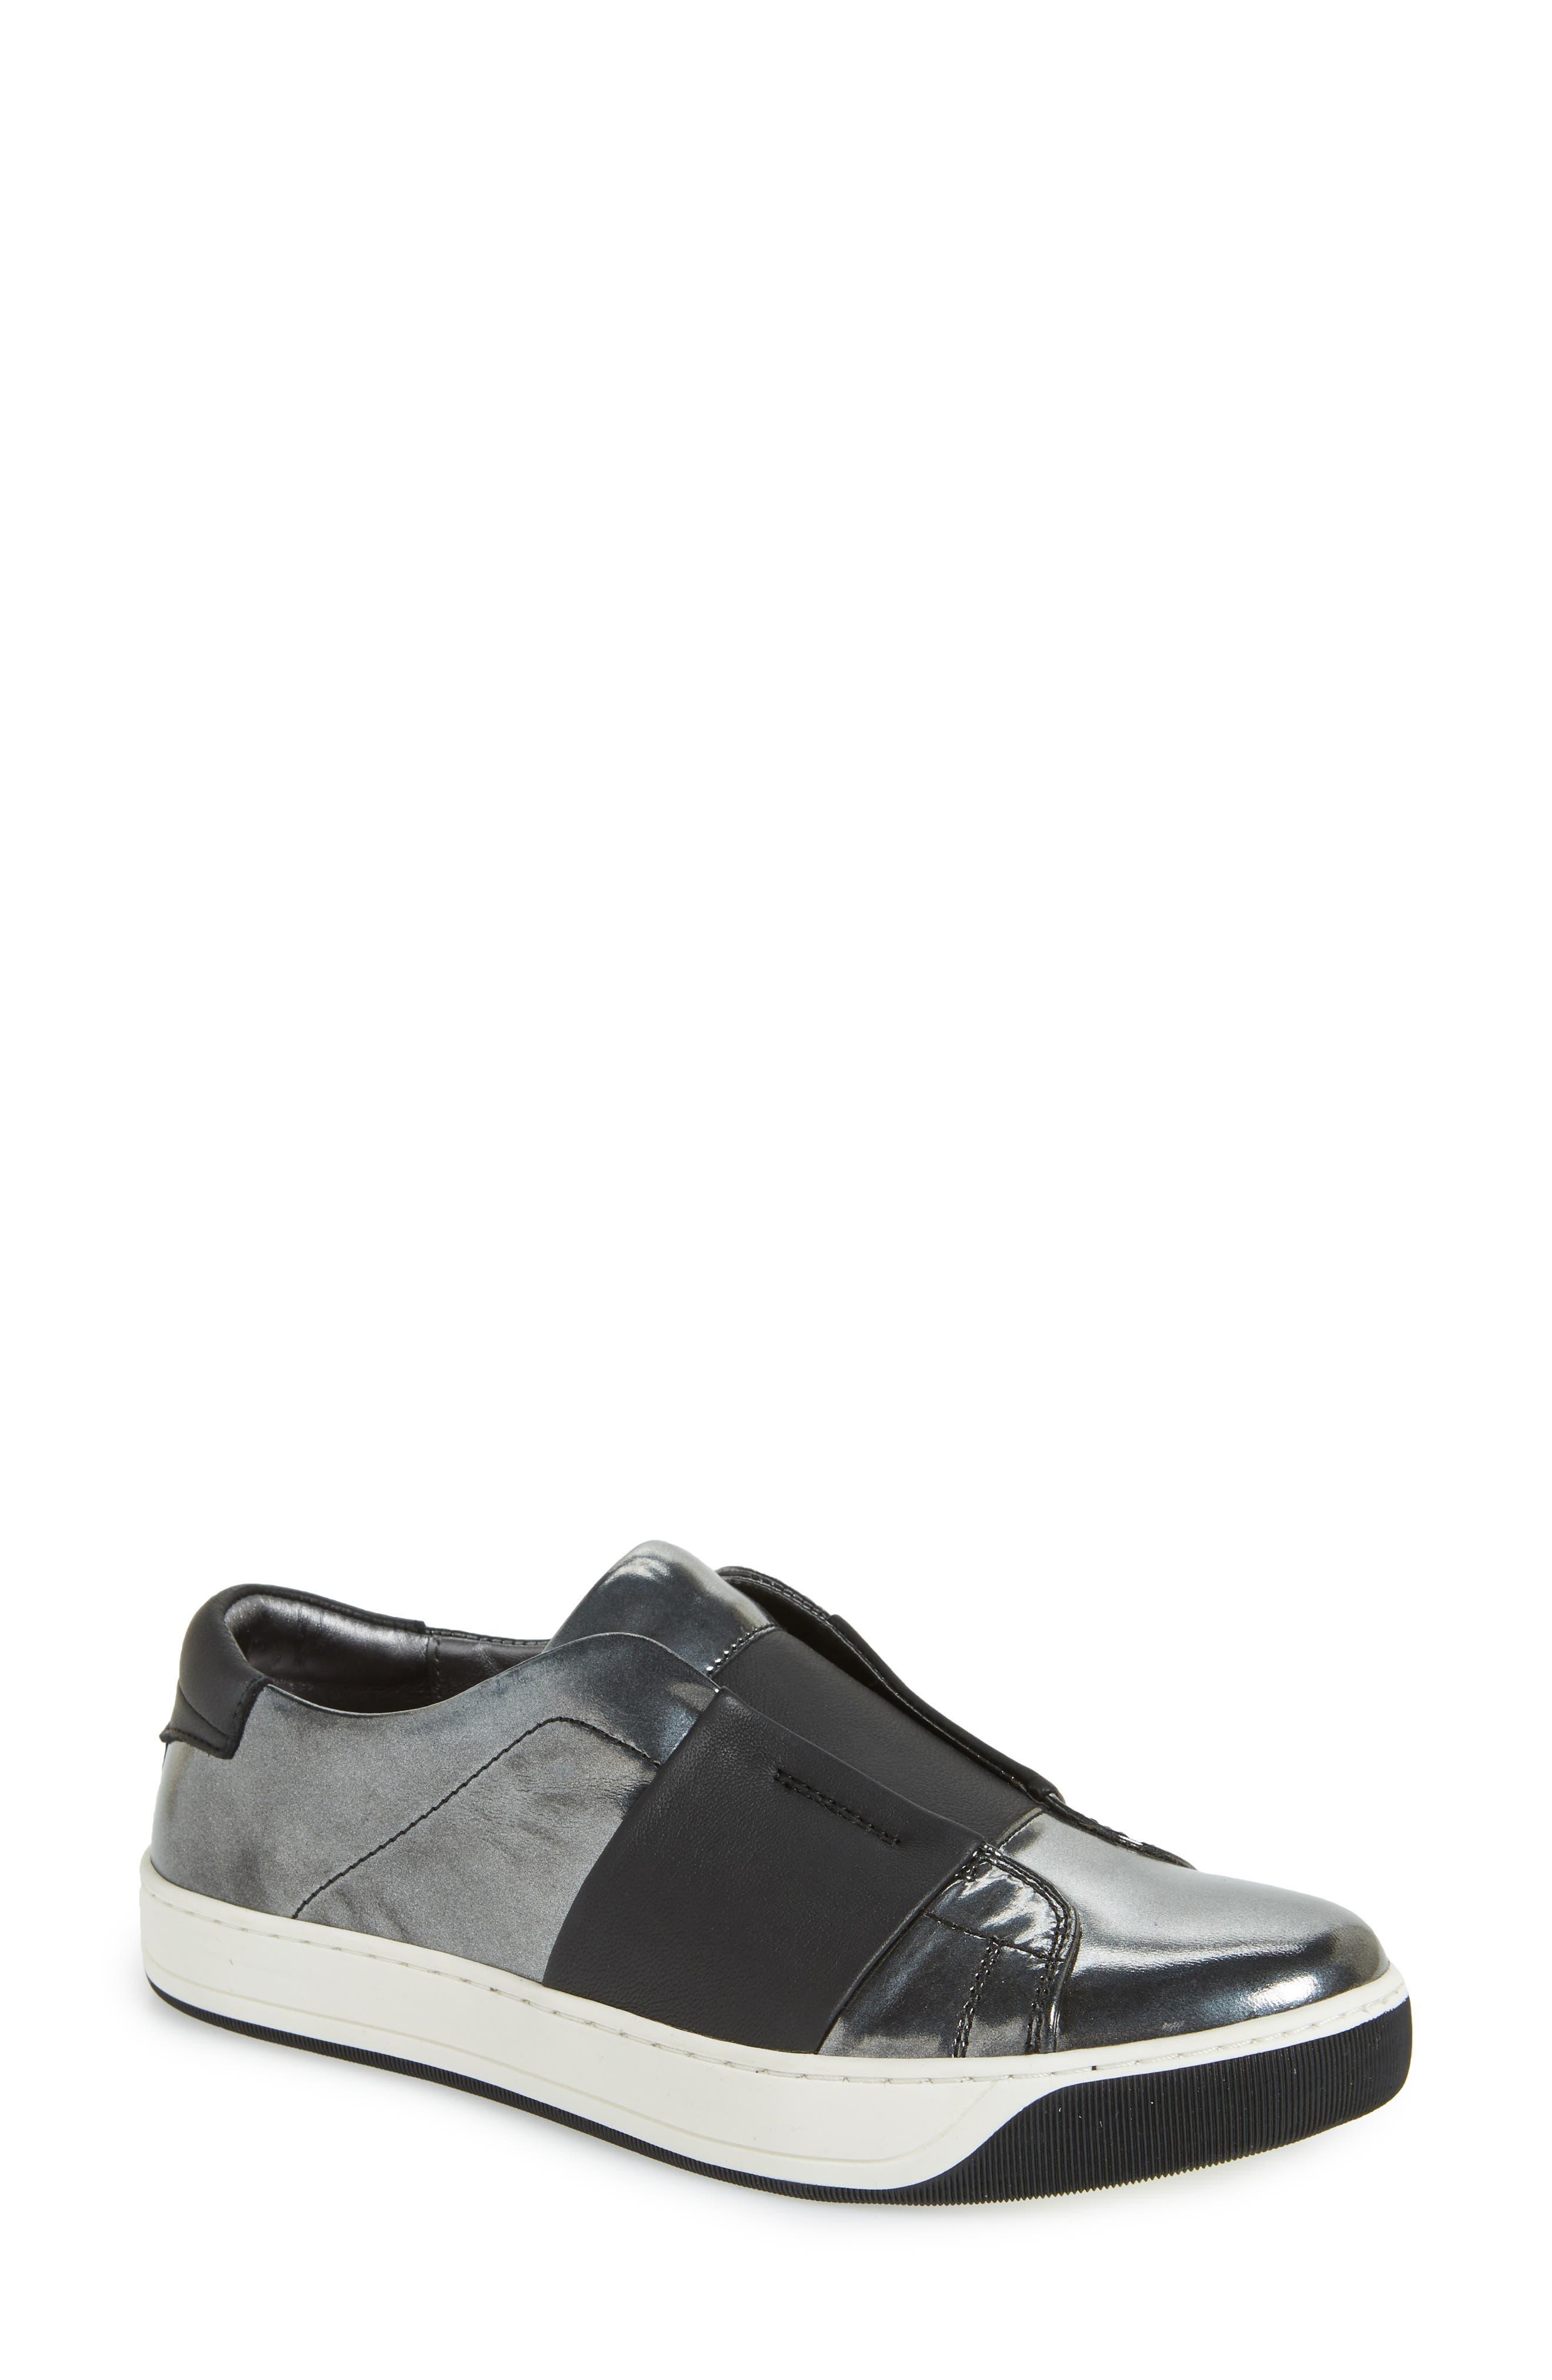 Johnston & Murphy Eden Slip-On Sneaker, Grey